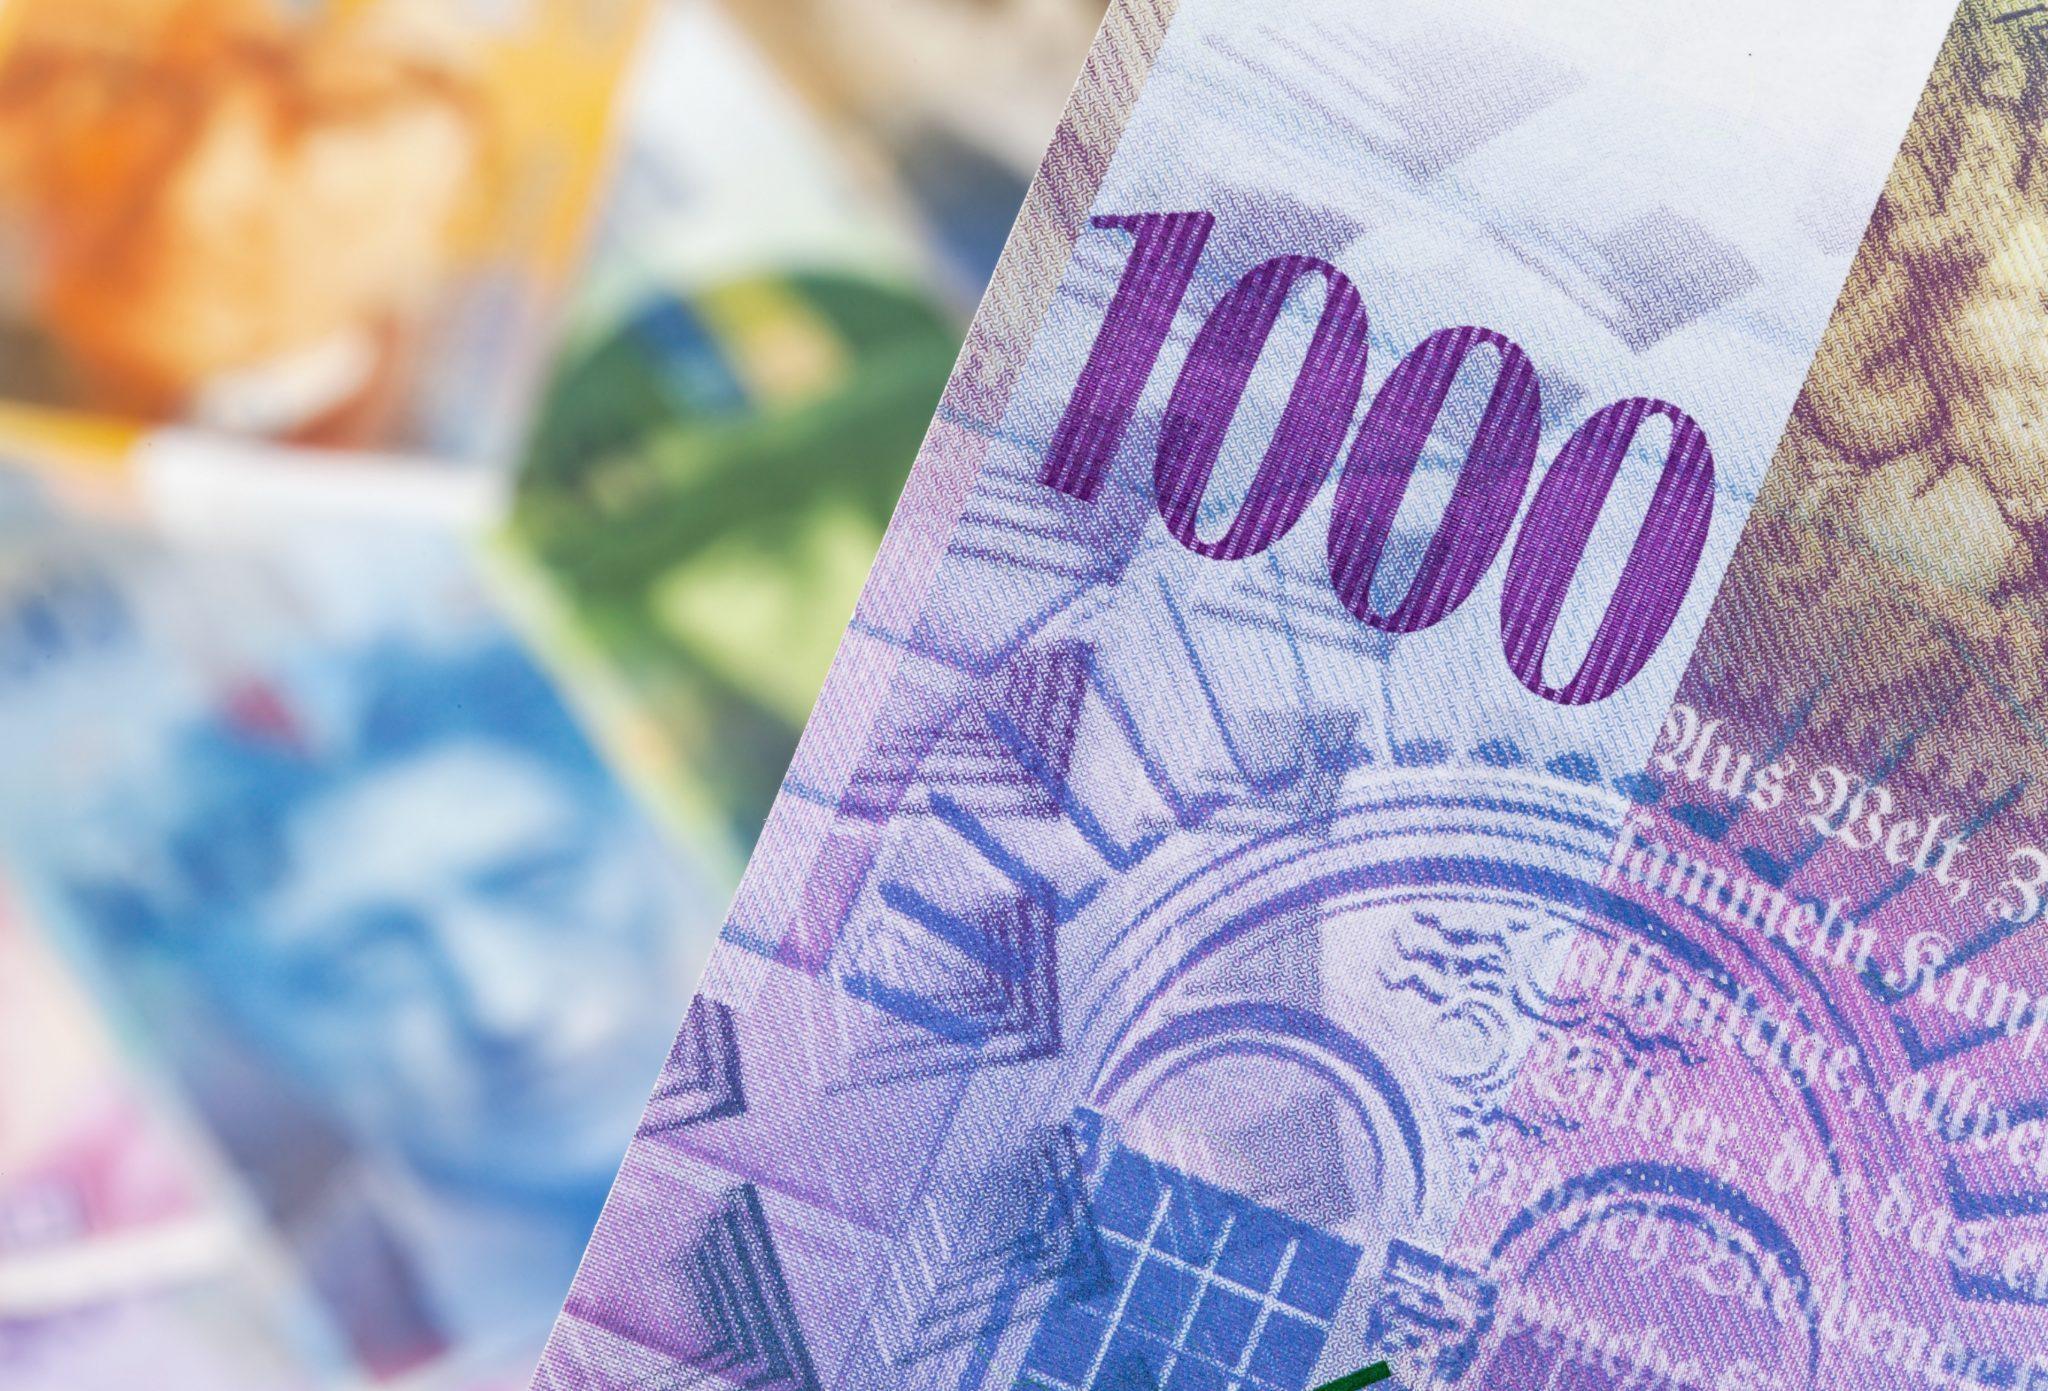 Terza Giornata cantonale sull'indebitamento eccessivo